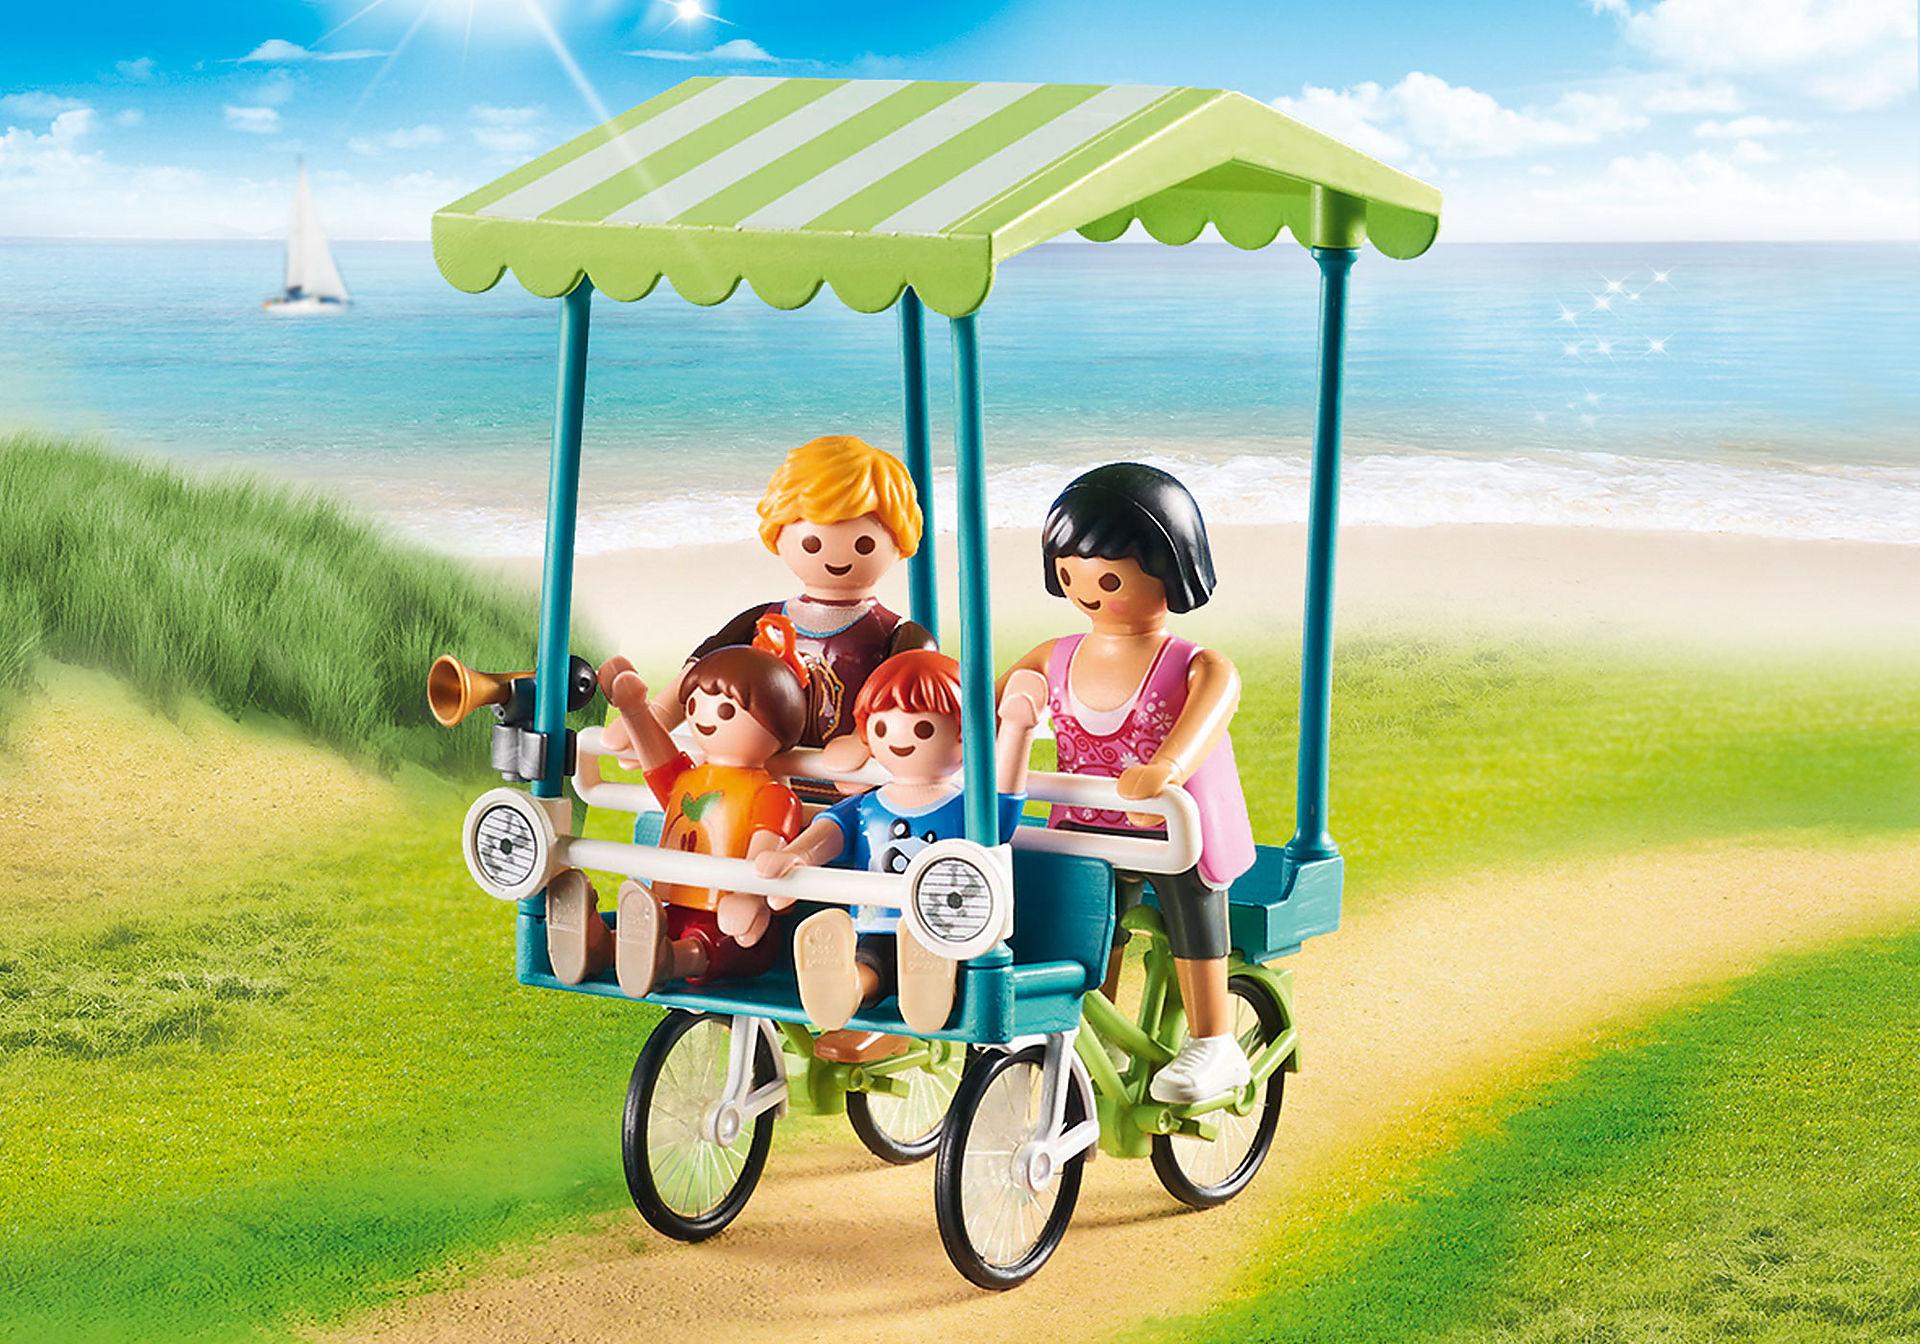 70093 Famiglia in bicicletta zoom image4